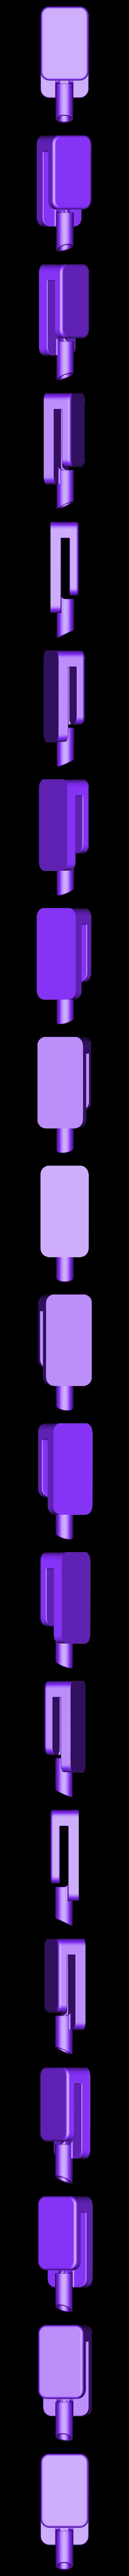 baby_groot_sit_hollow_2-ledh.stl Télécharger fichier STL gratuit baby groot led light v4 • Modèle pour impression 3D, veganagev